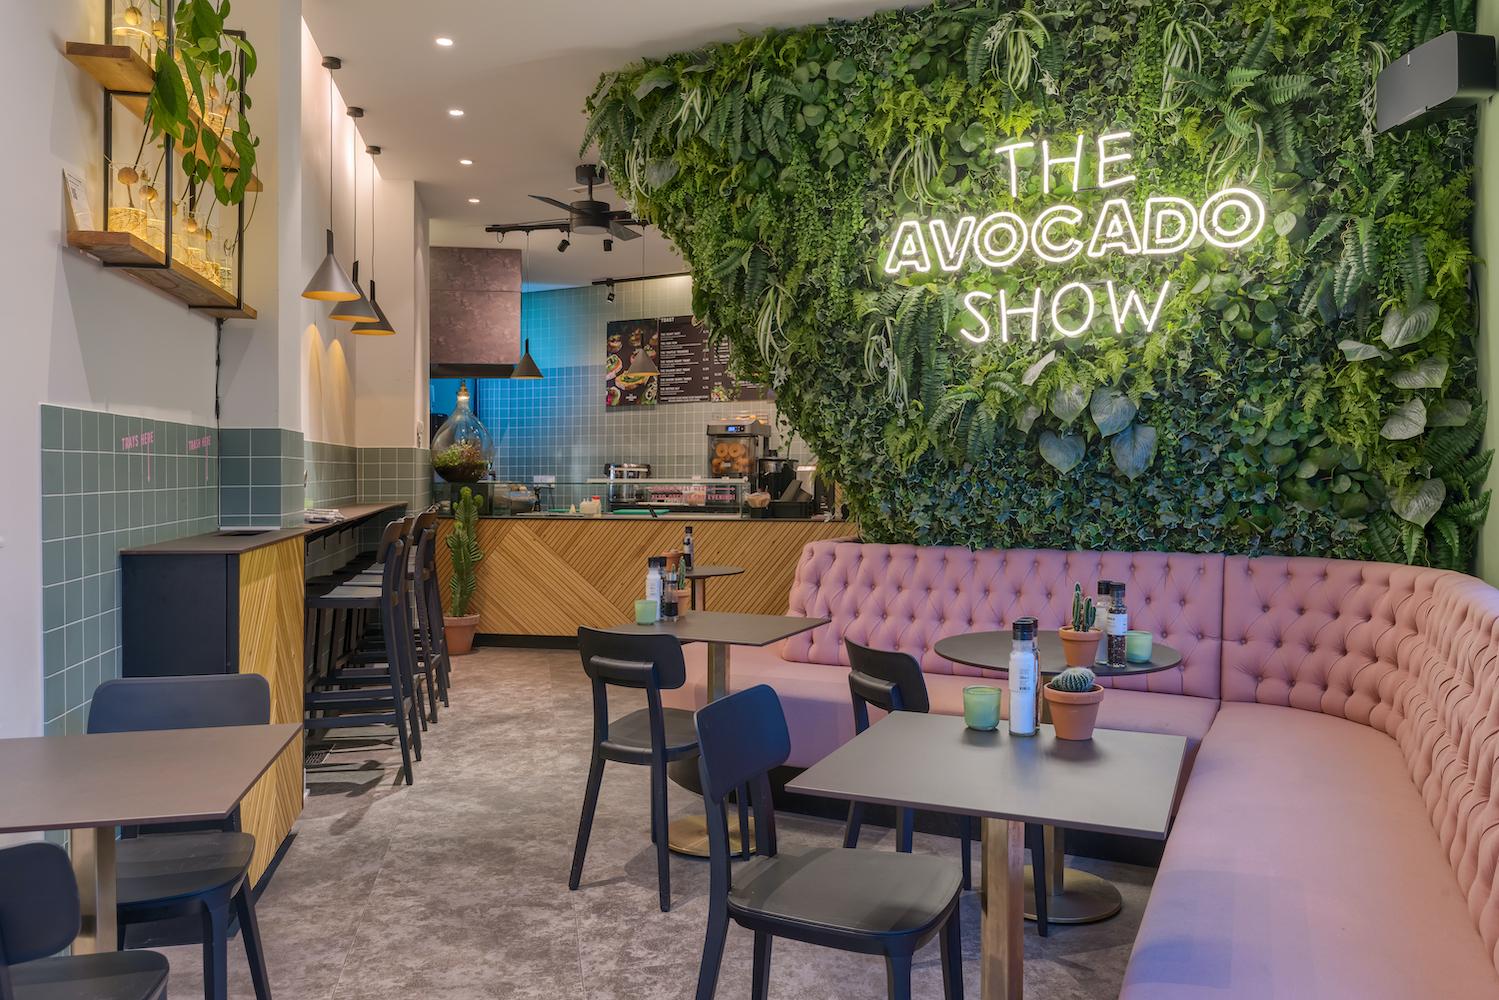 Avocado lovers opgelet: bij The Avocado Show in Amsterdam staat dit ingrediënt centraal in alle gerechten. Een super leuke hotspot voor een lekker ontbijtje of lunch.